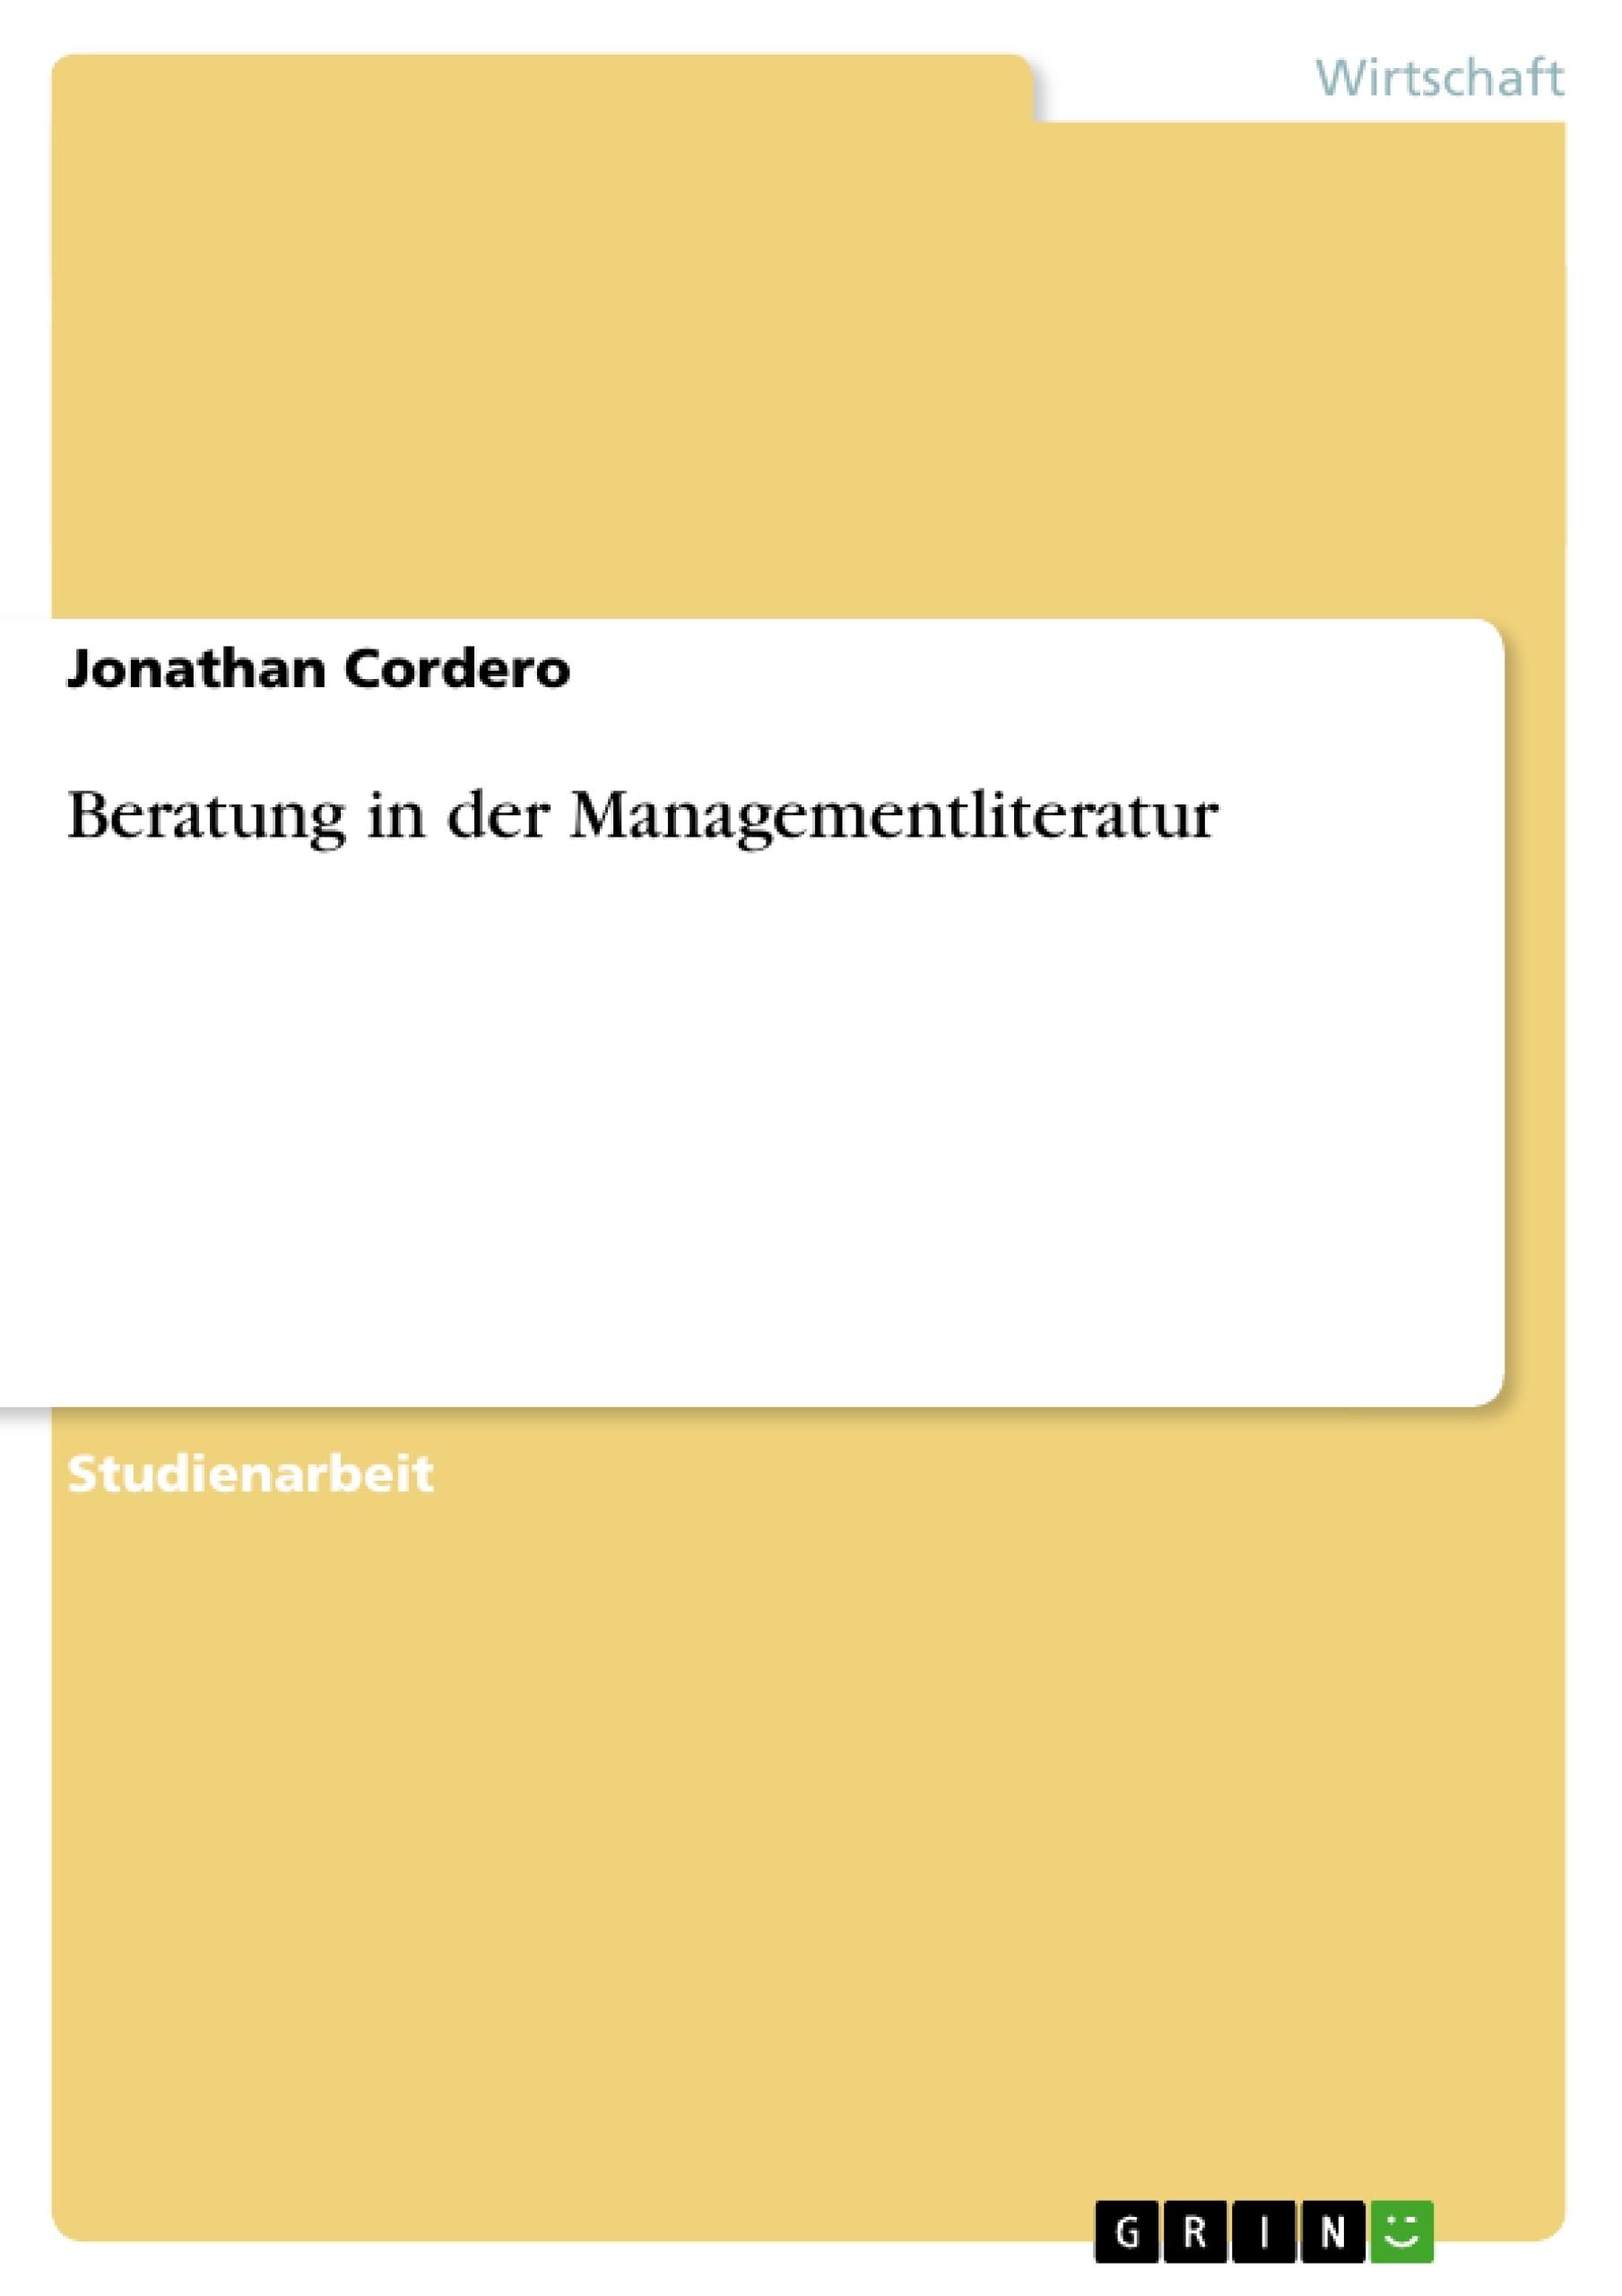 Titel: Beratung in der Managementliteratur